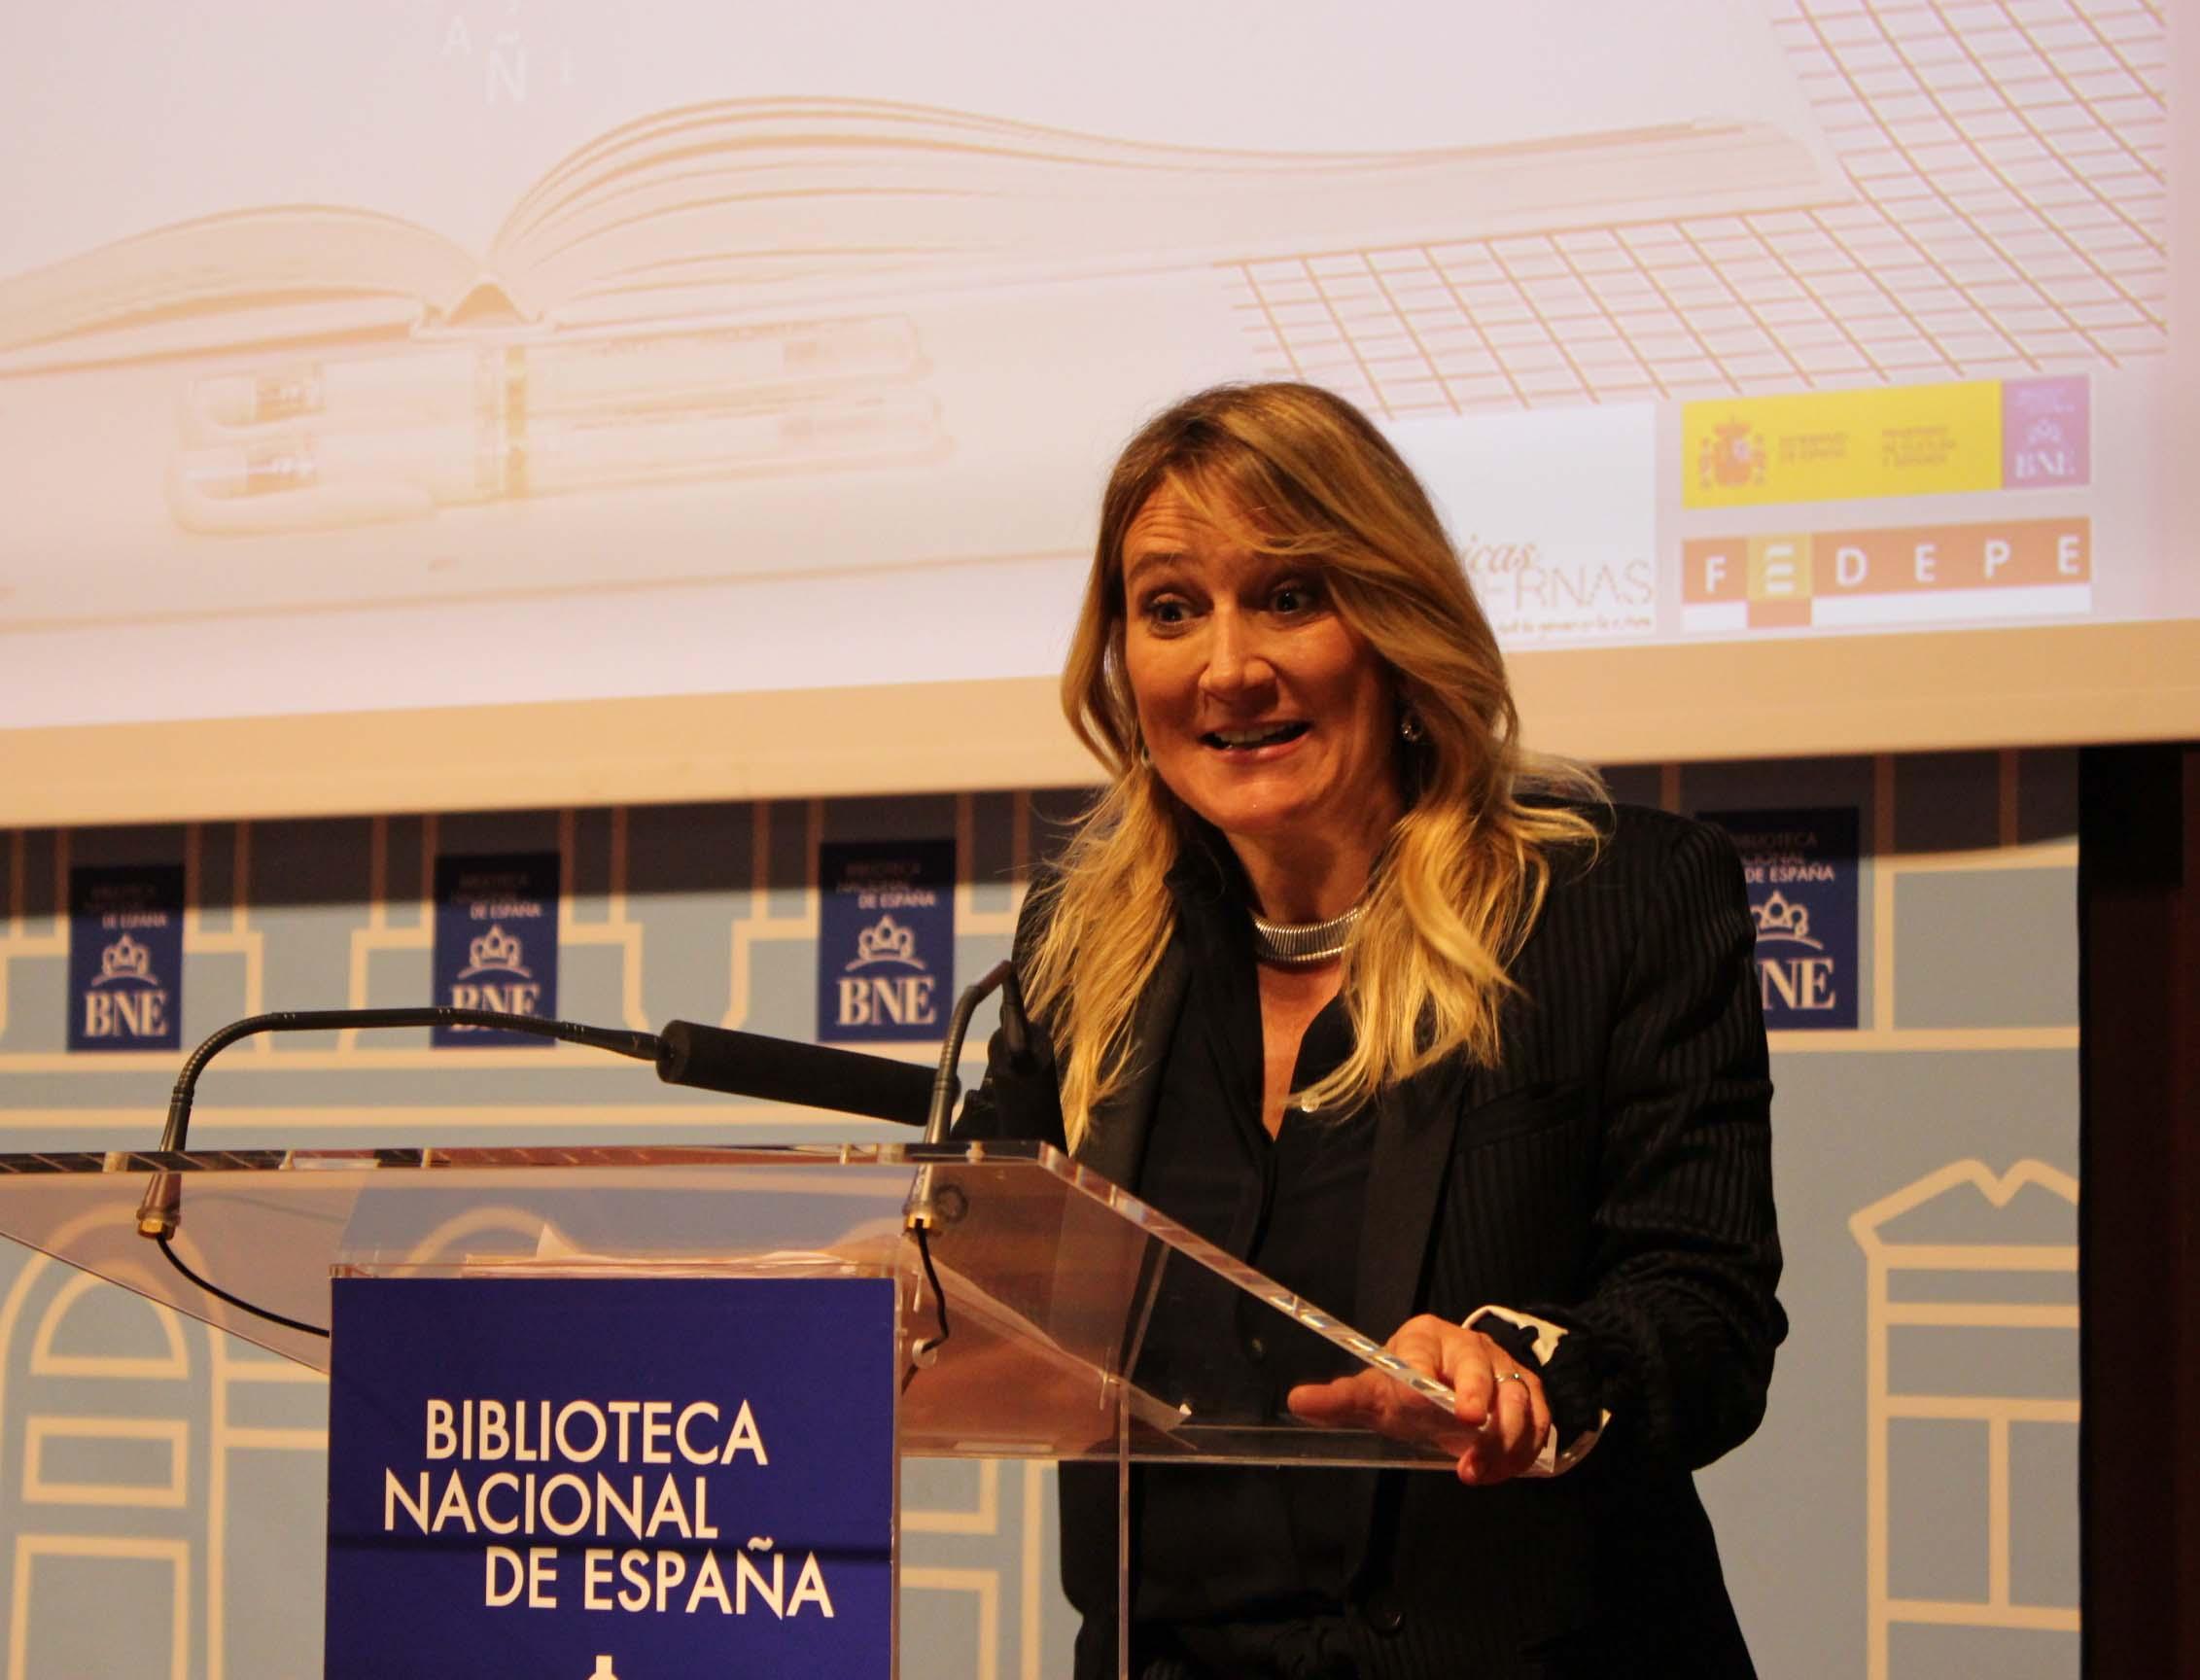 2018 Joana Bonet